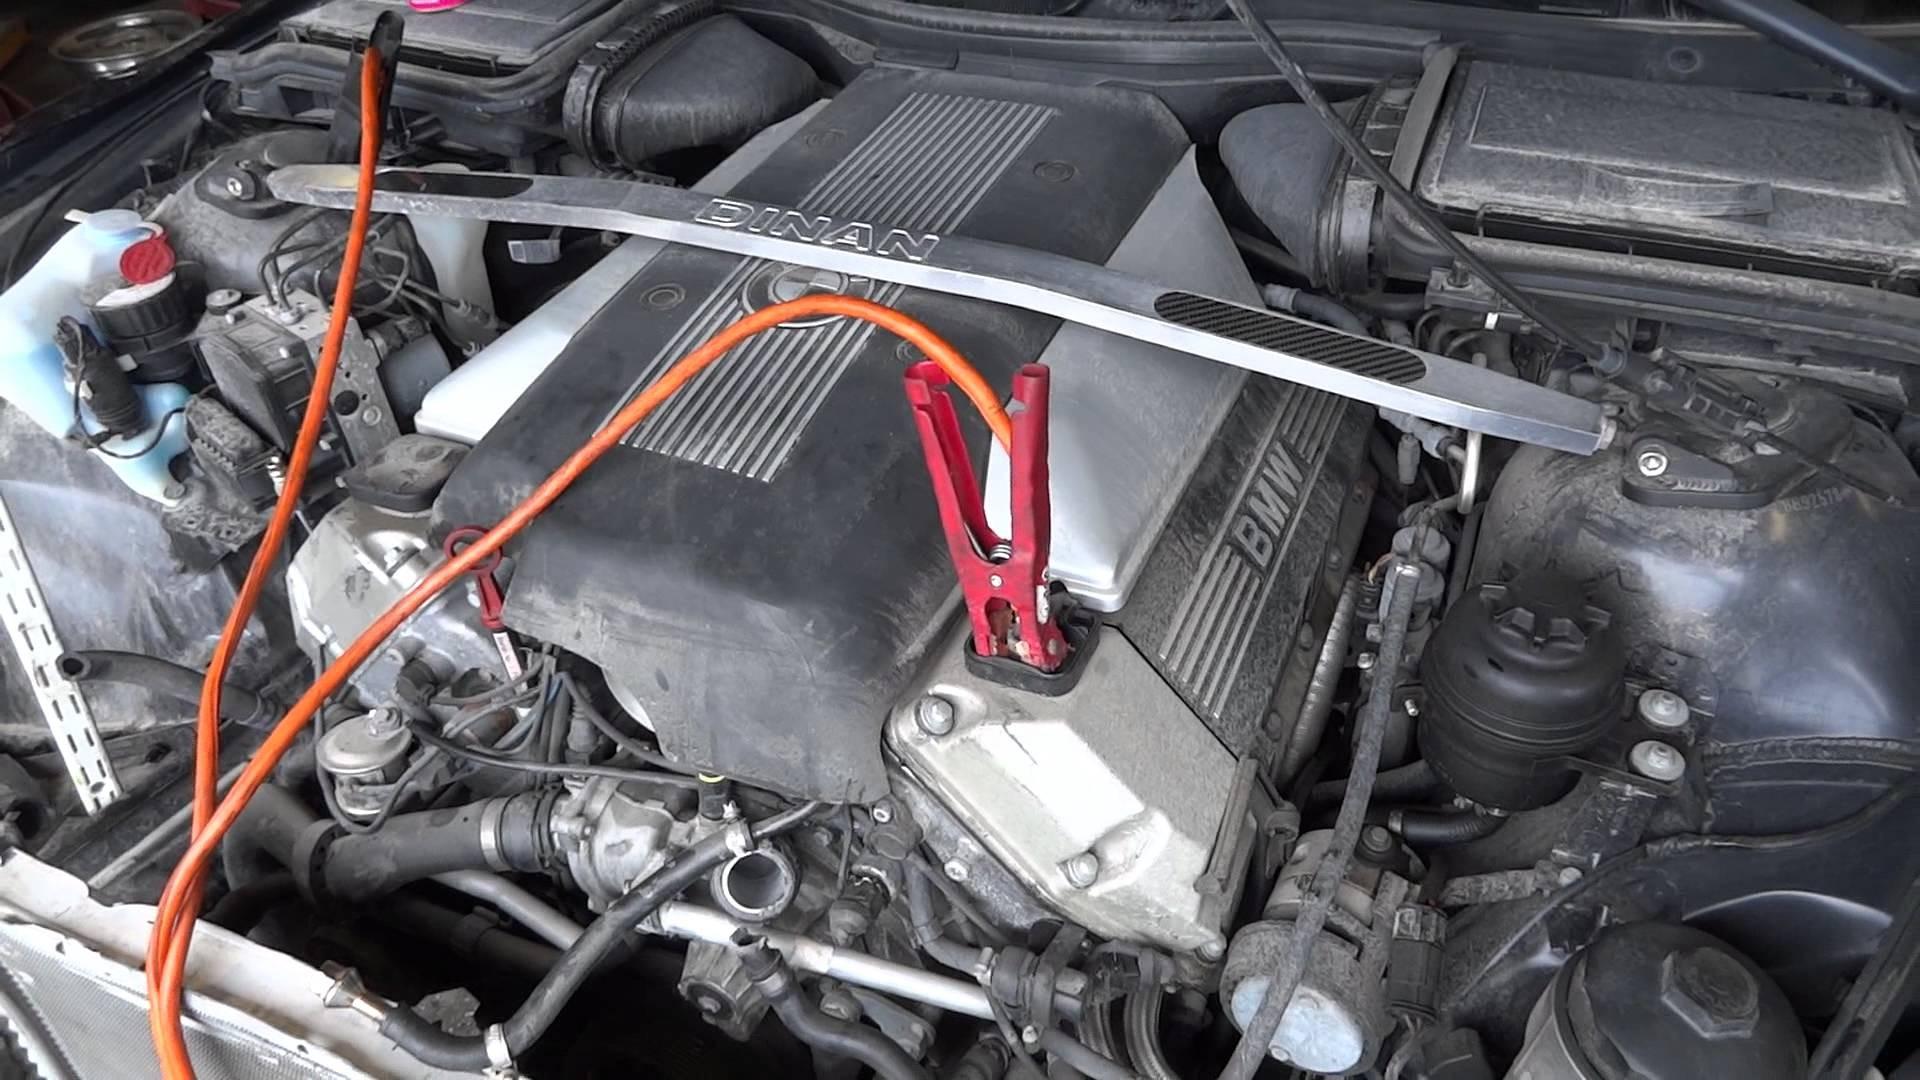 2000 Bmw 528i Engine Diagram 1999 Bmw 540i Engine with 64k Miles Of 2000 Bmw 528i Engine Diagram